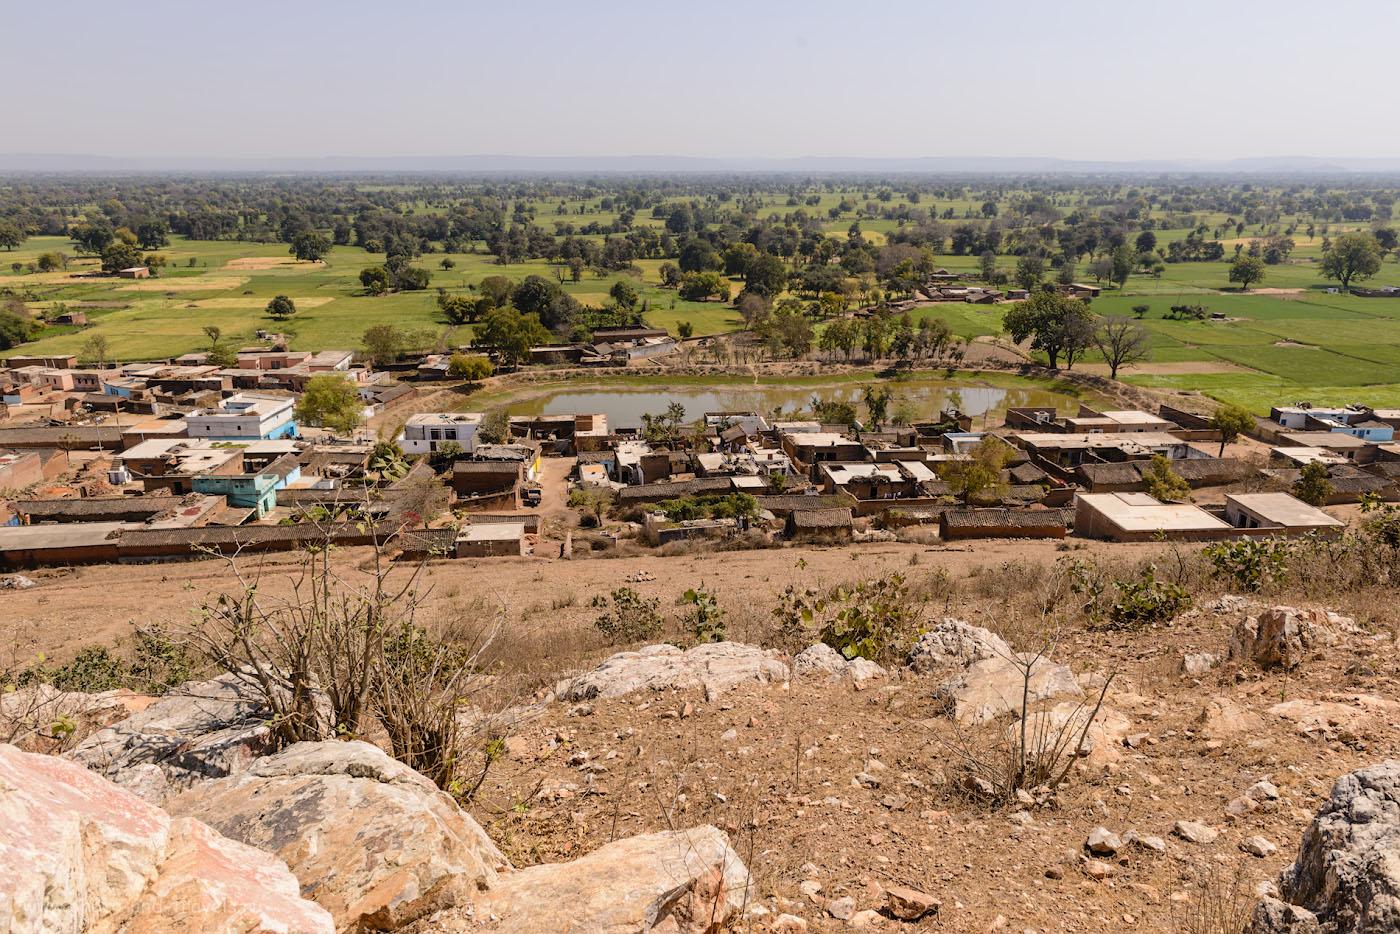 Фотография 25. Так выглядит обычная, нетуристическая деревня в центре Индии. 1/250, 9.0, 100, 24.